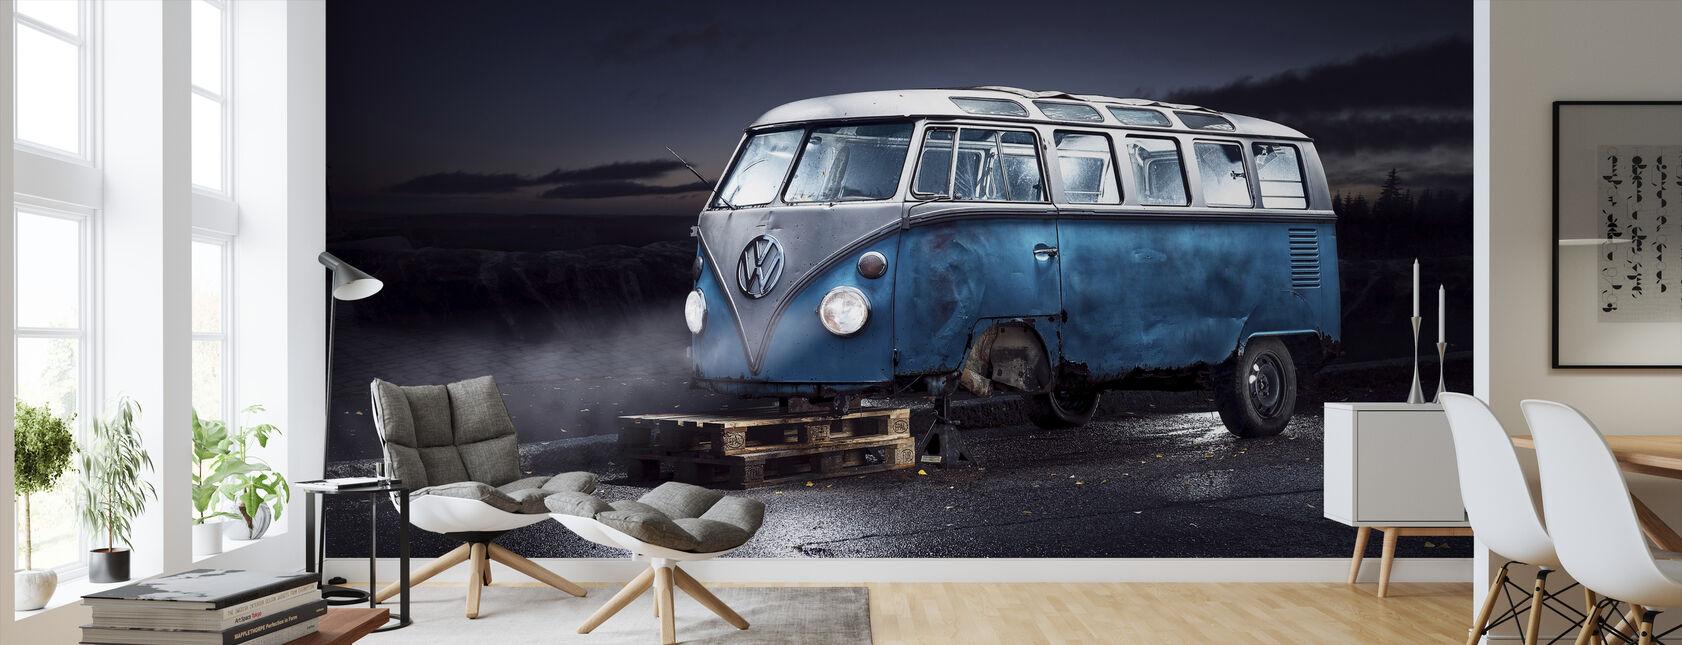 VW-minibus - Behang - Woonkamer